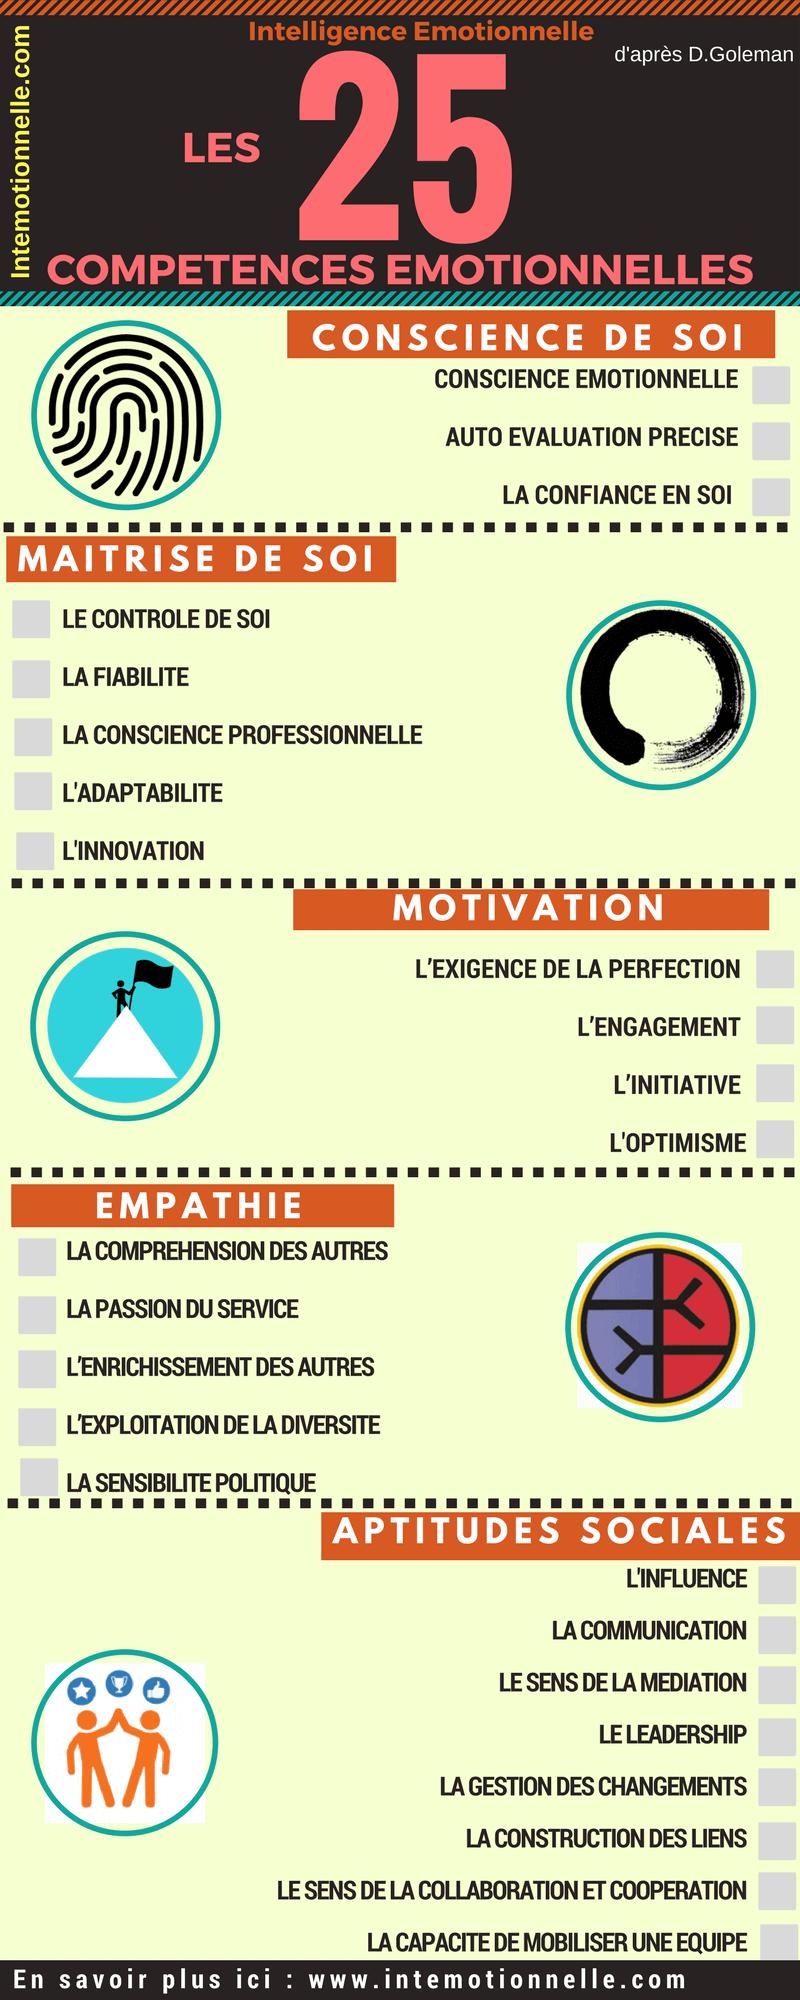 Les 25 Compétences de l'Intelligence Emotionnelle_Infographie